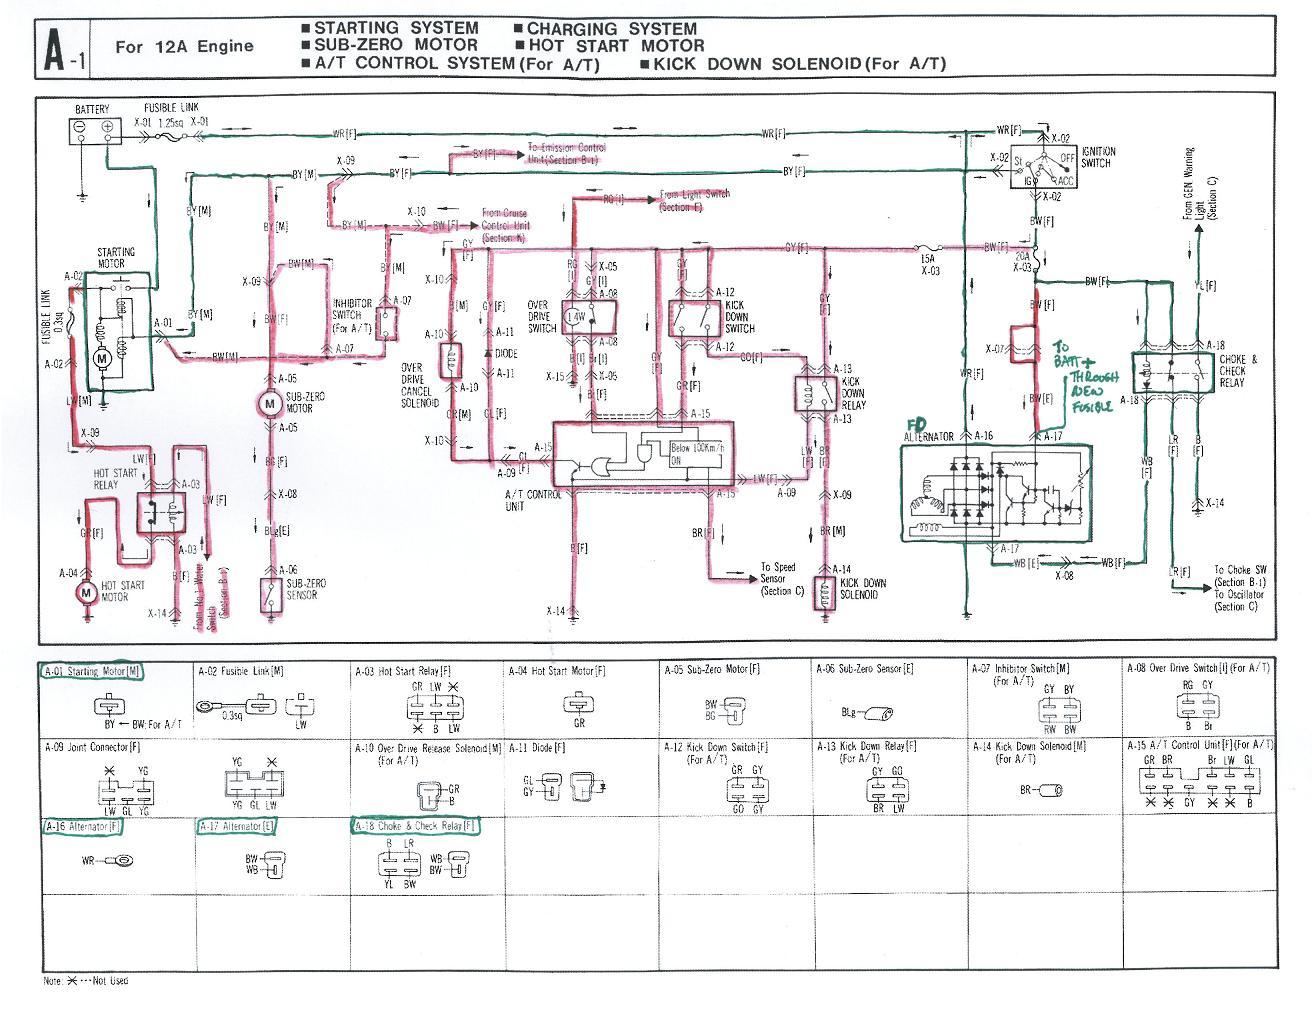 2007 peterbilt 379 wiring diagram tz 6711  peterbilt 379 light wiring diagram  tz 6711  peterbilt 379 light wiring diagram